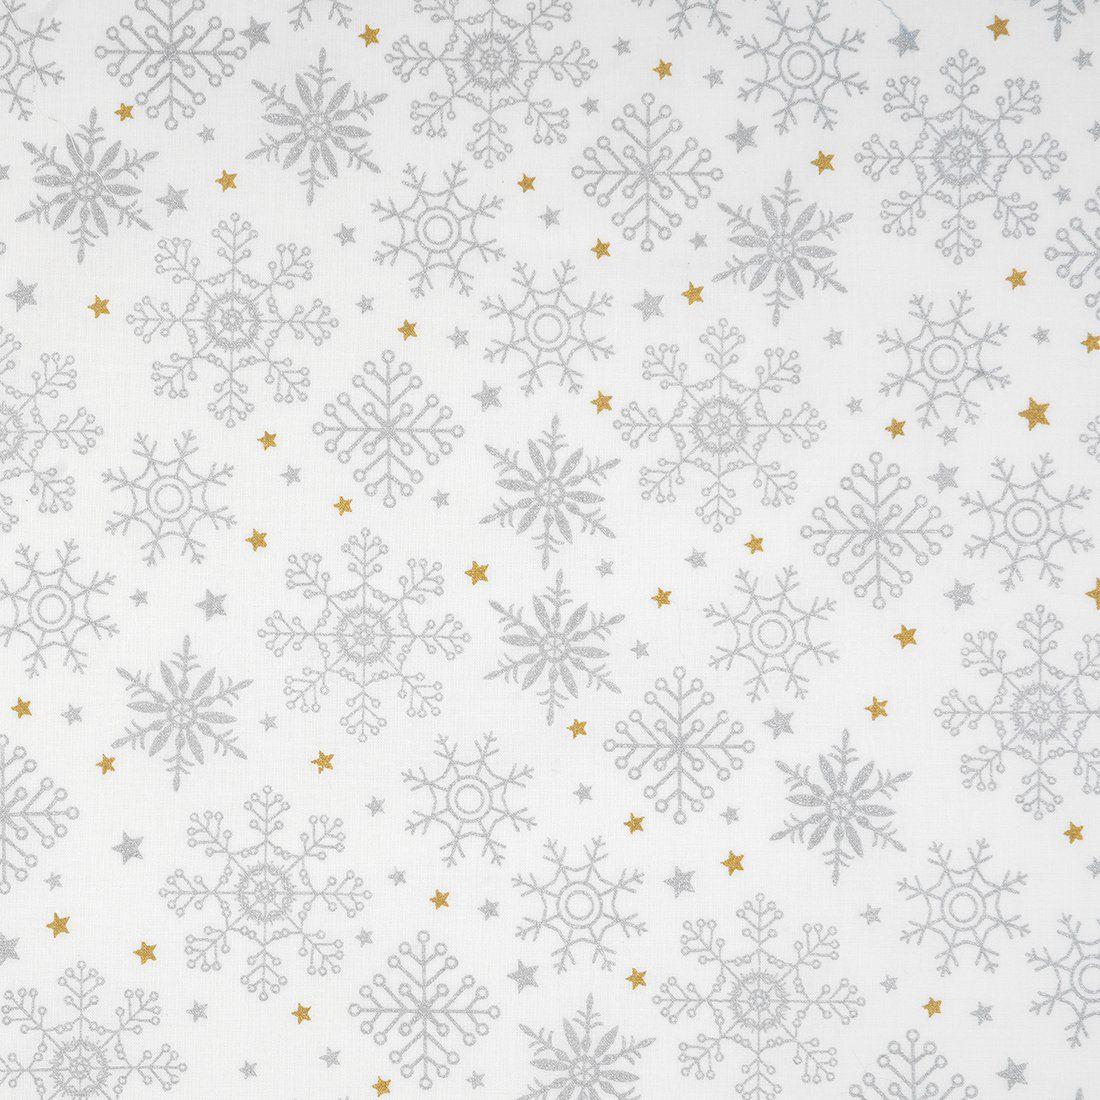 Weihnachts- oder Winterstoff mit Schneeflocken